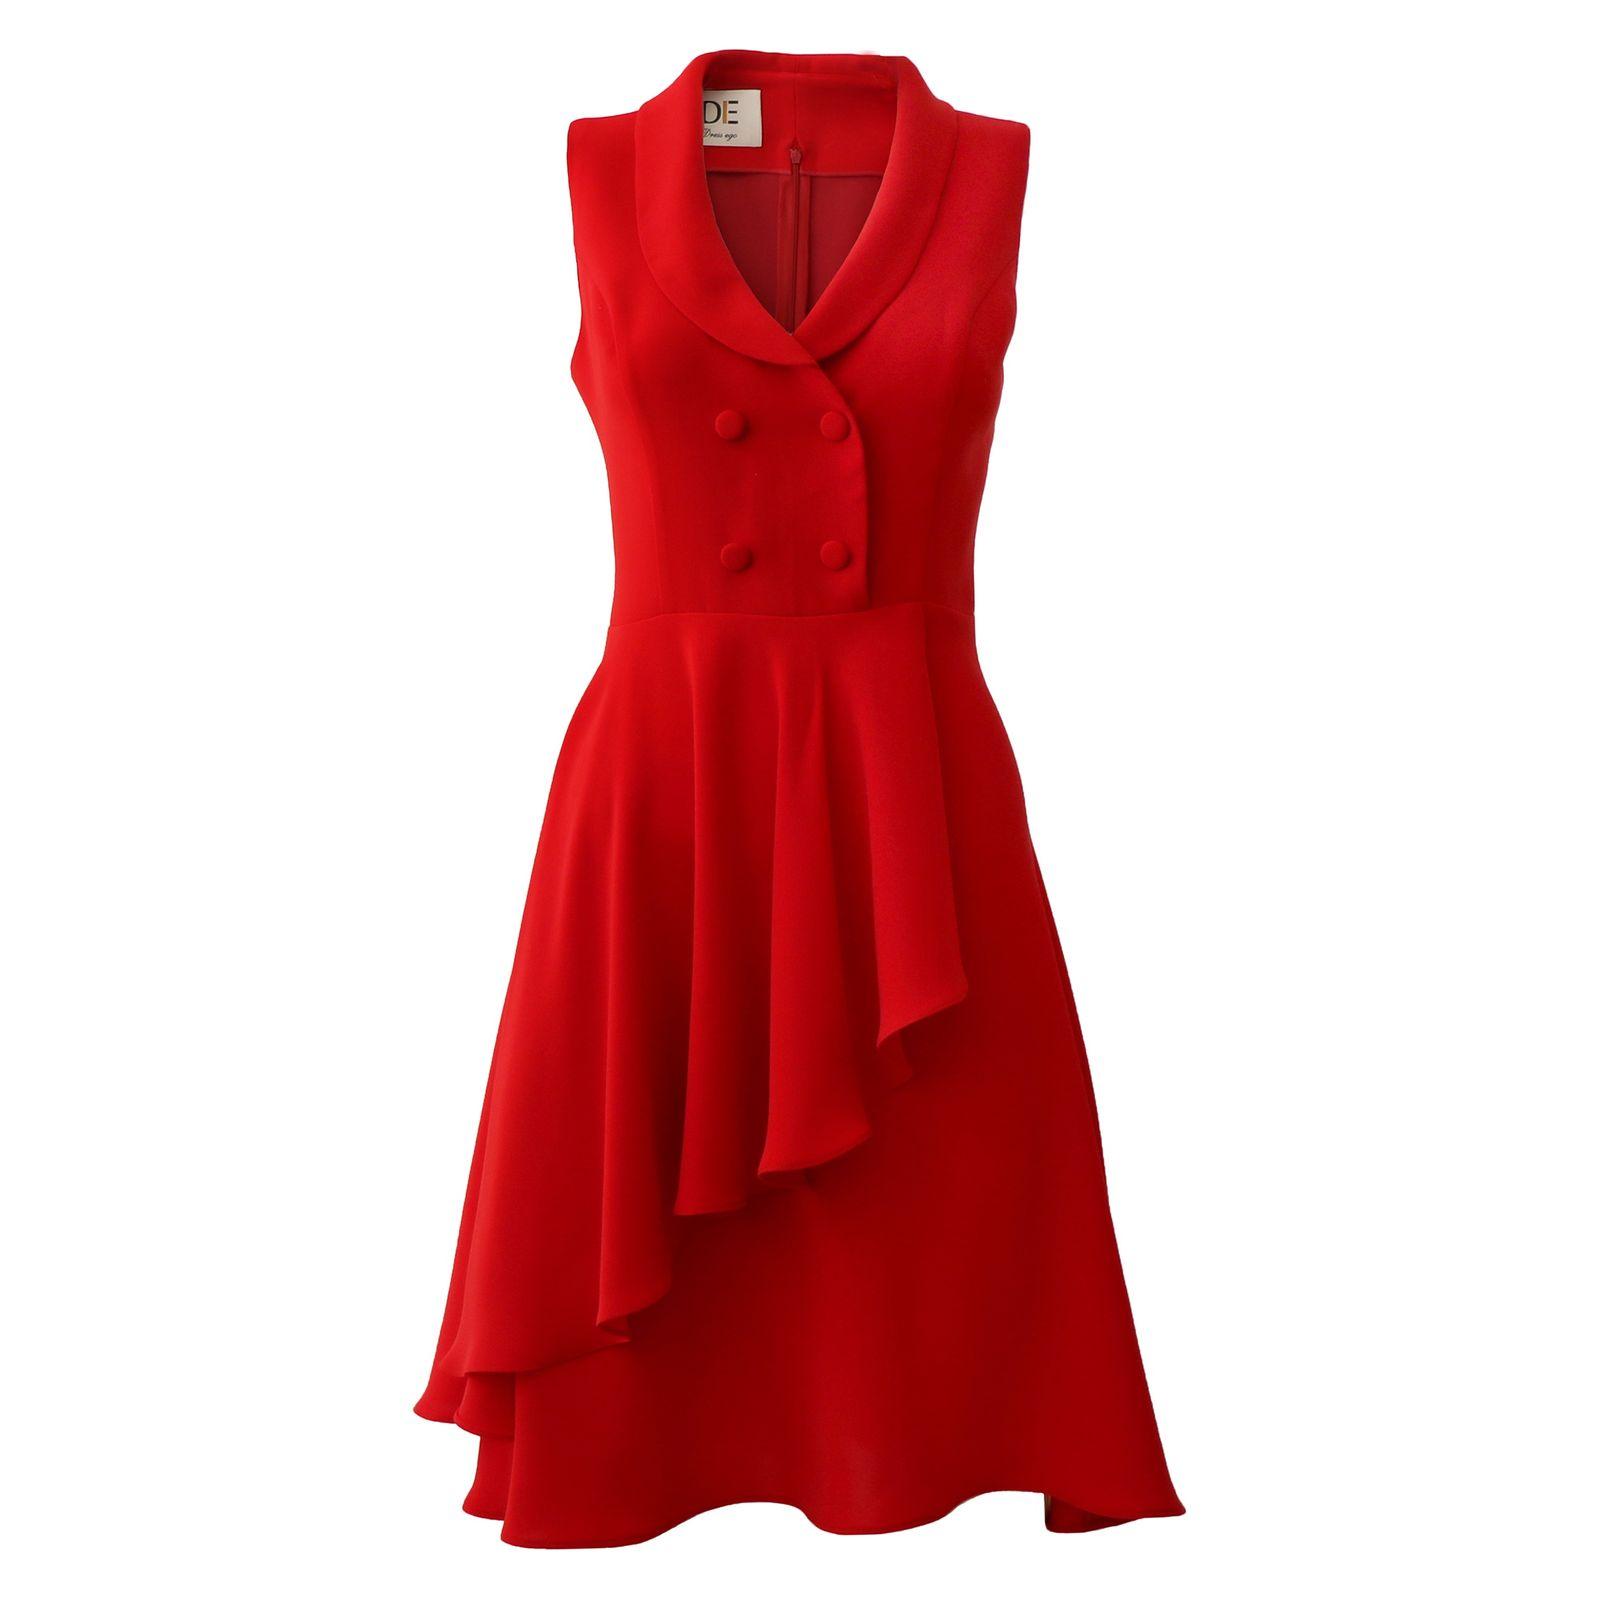 پیراهن زنانه درس ایگو کد 1010018 رنگ قرمز -  - 2